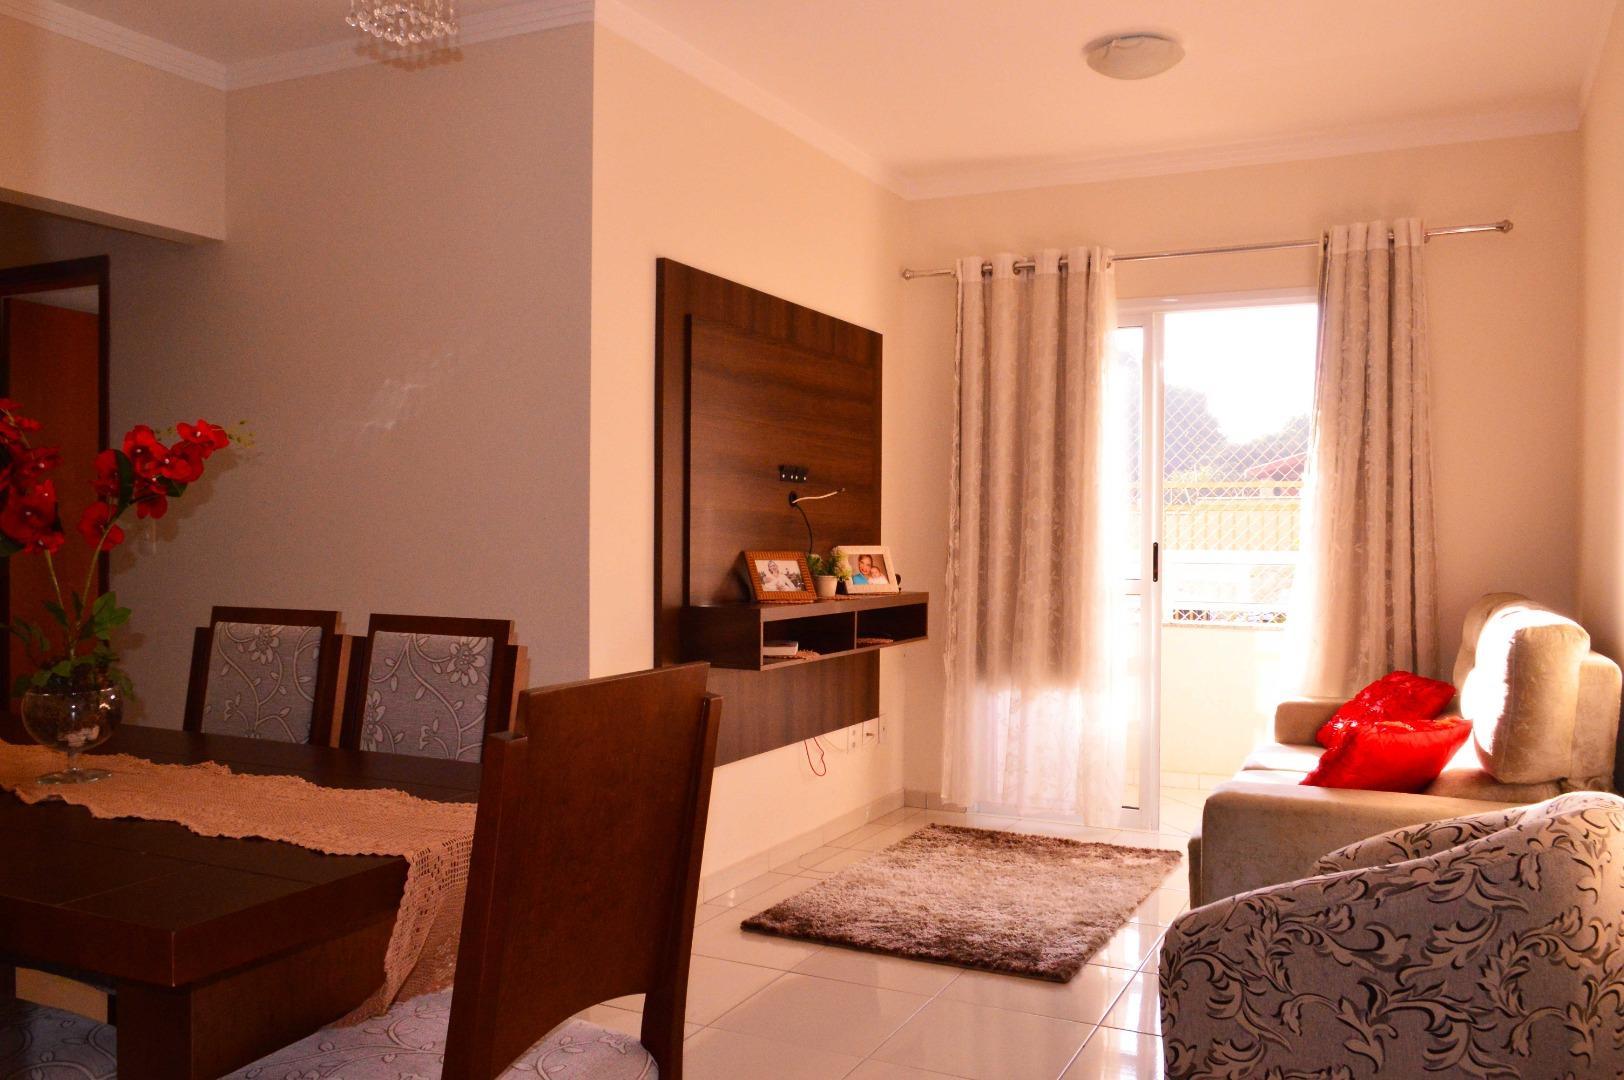 Apartamento com 2 dormitórios à venda, 61 m² por R$ 270,00 - Green Village - Nova Odessa/SP